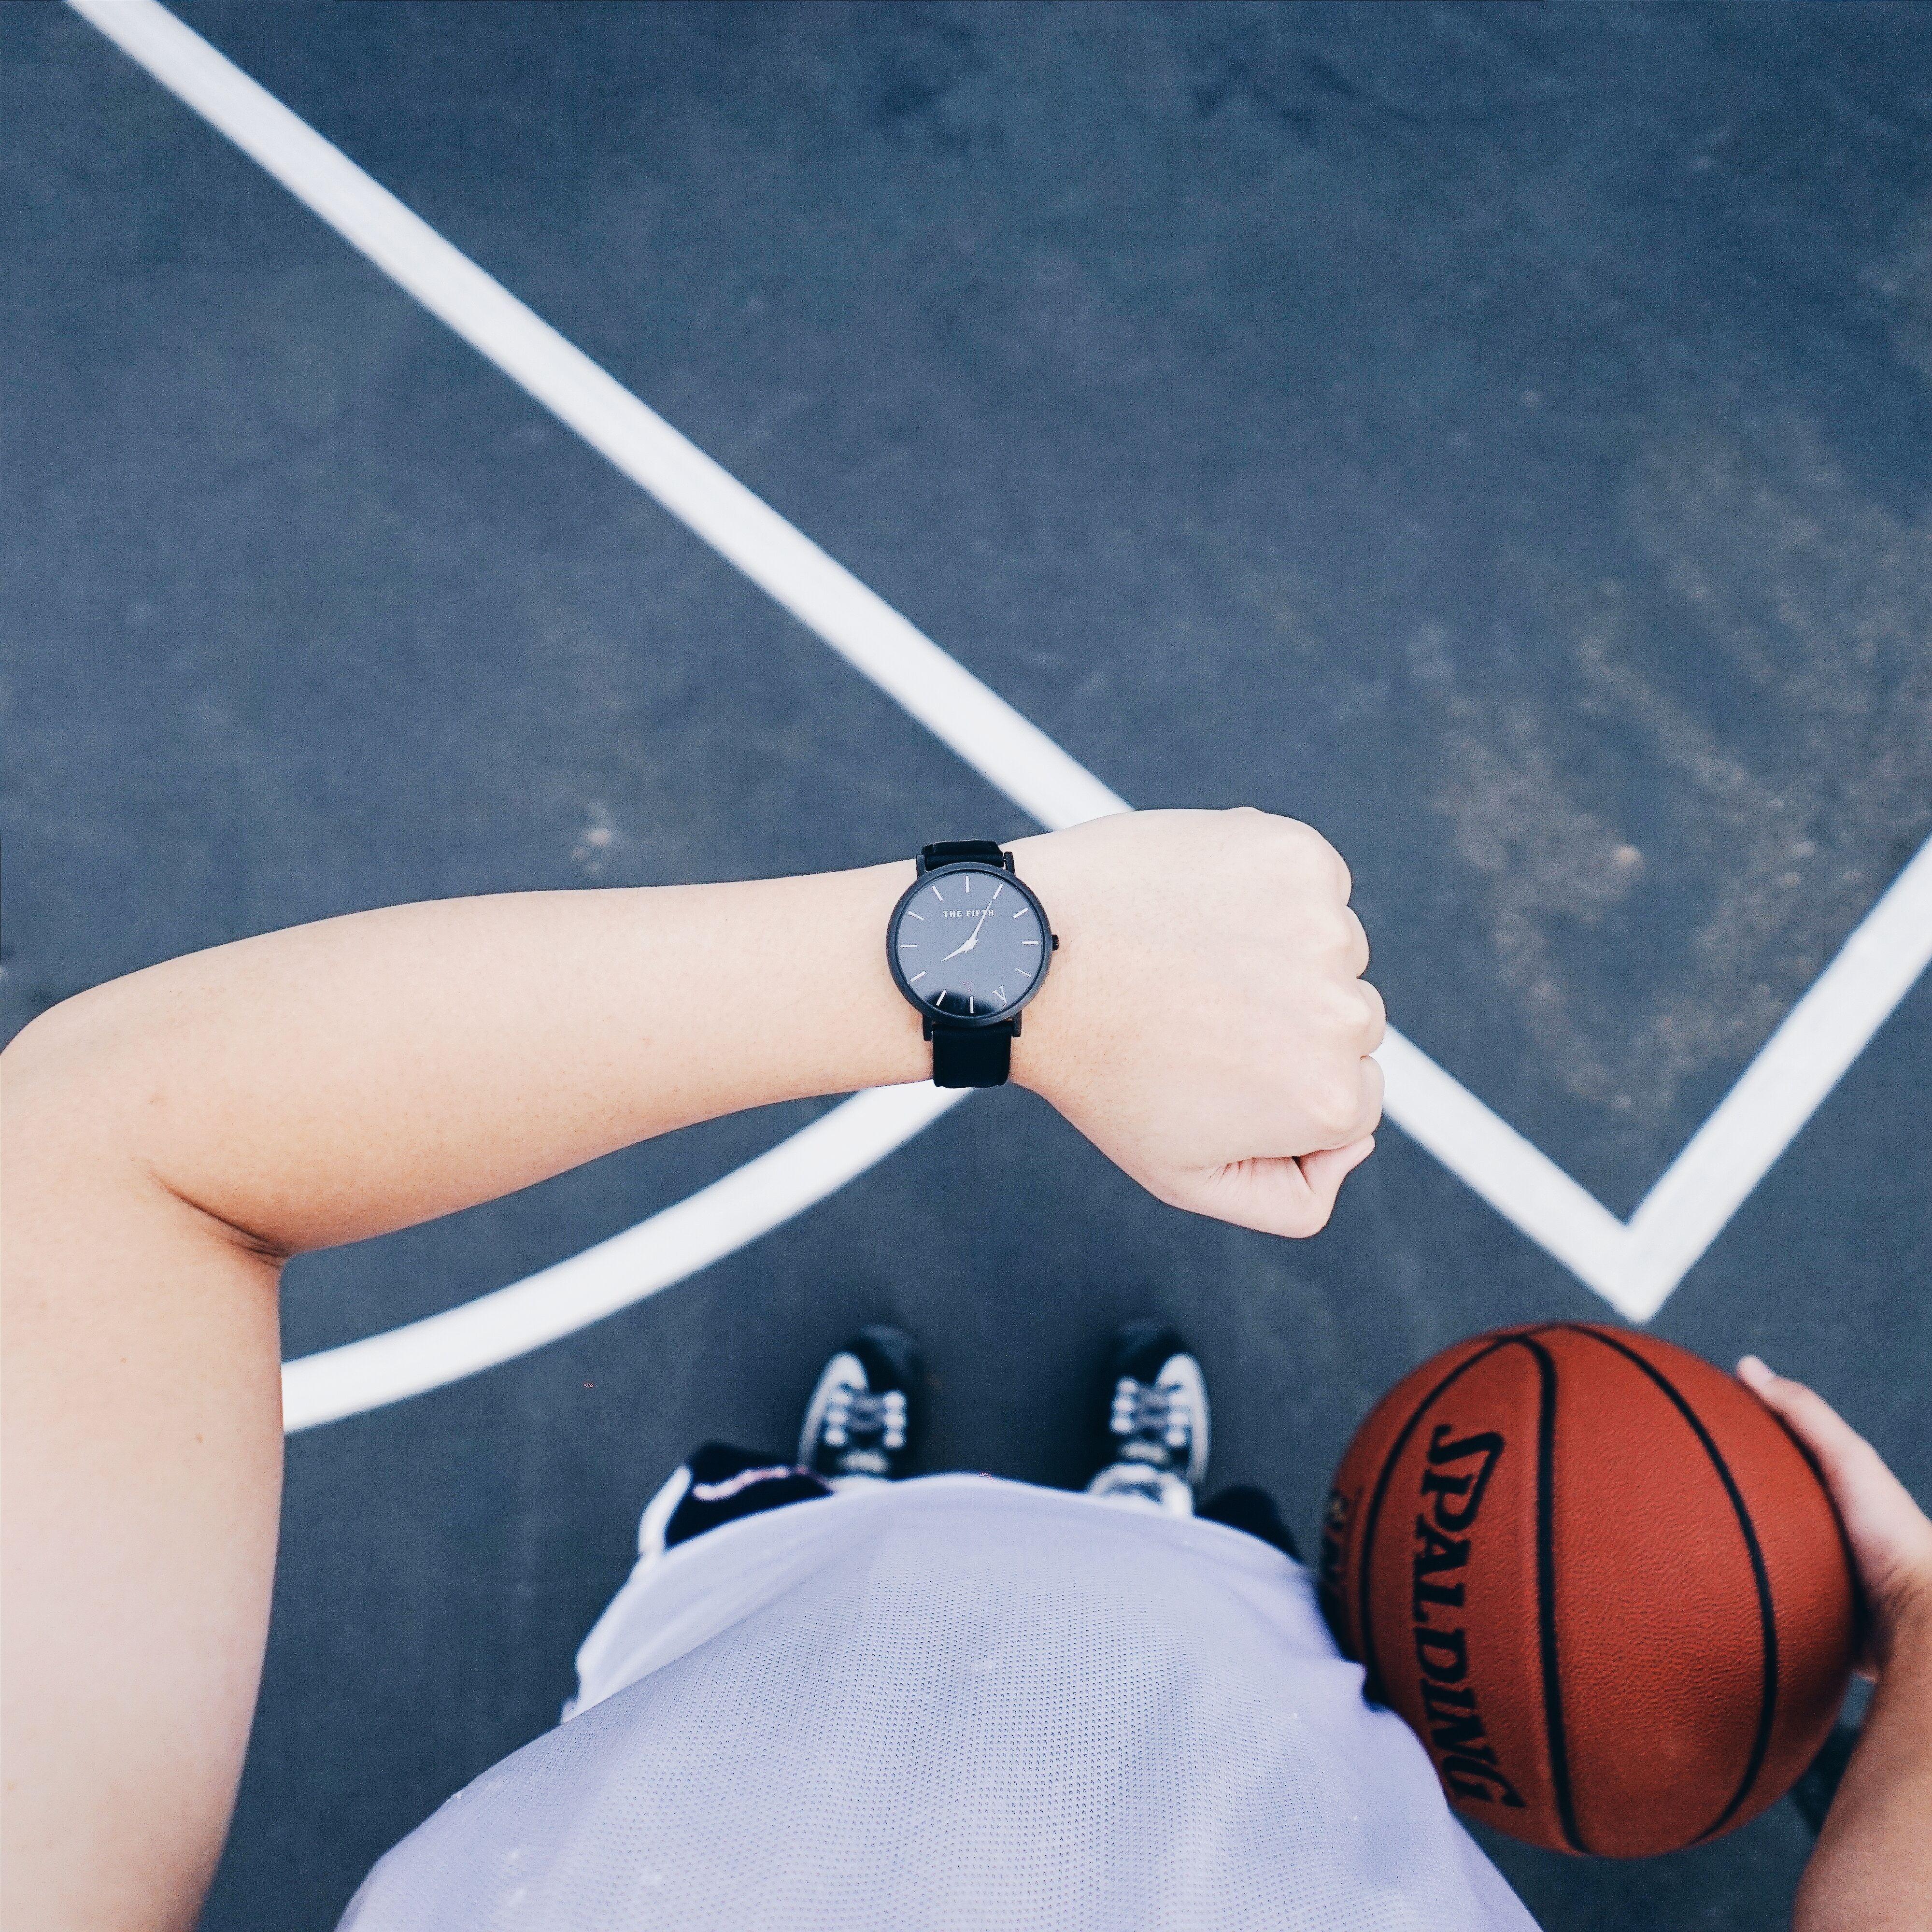 2795e5982 Bildet : se, hånd, hvit, bein, basketball, blå, klær, væpne ...